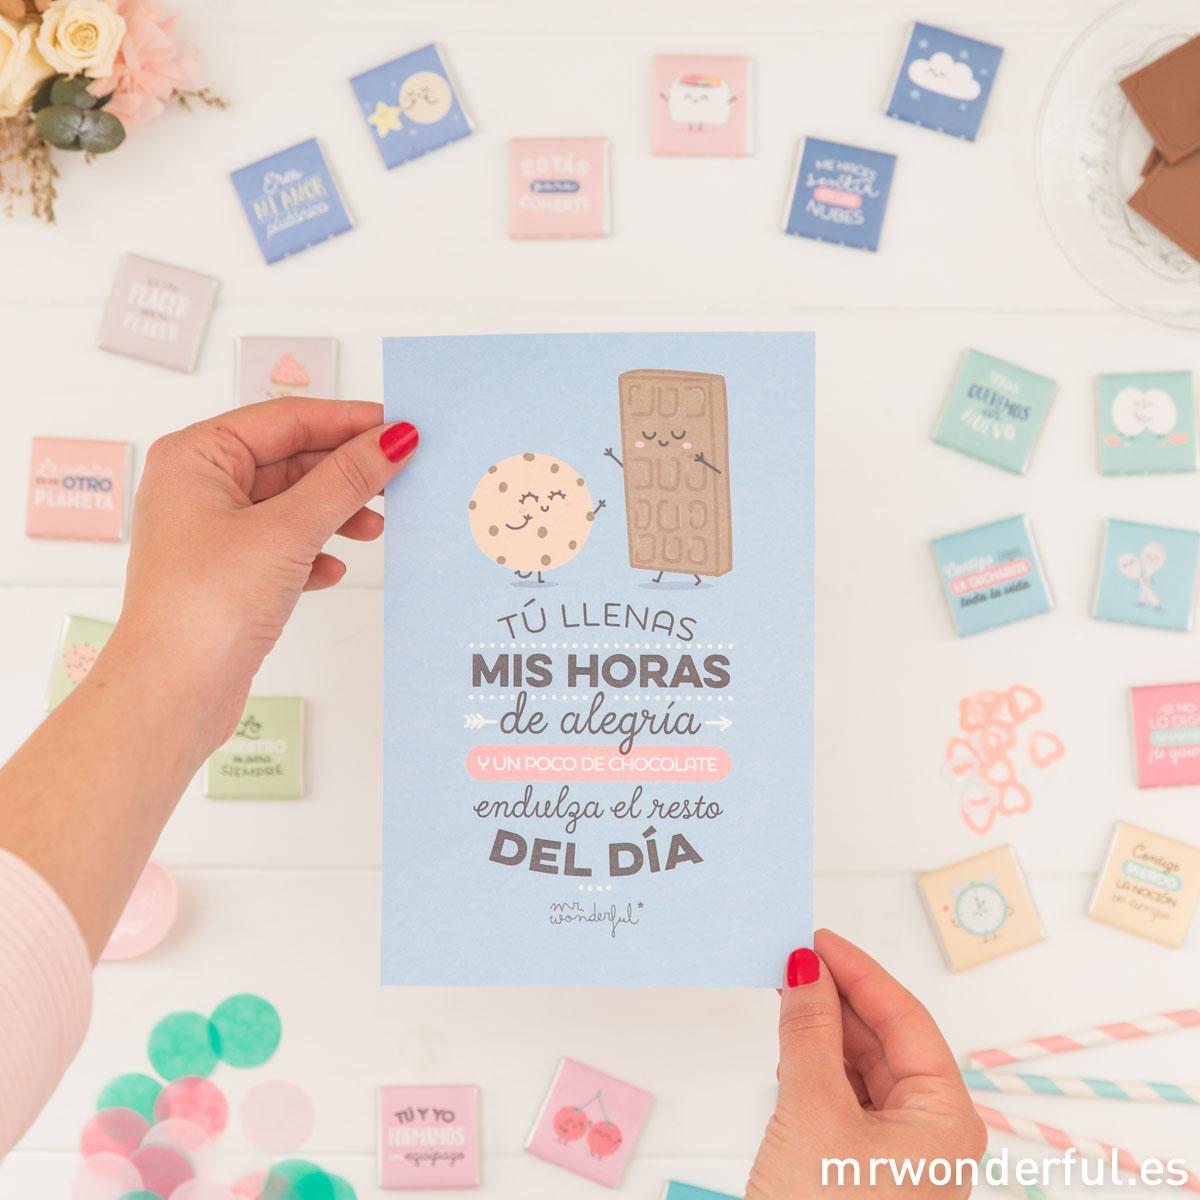 mrwonderful_8435460704939_chocolates_nuestro-amor-es-genial_aniversario-boda_2016_CAST-22-Editar